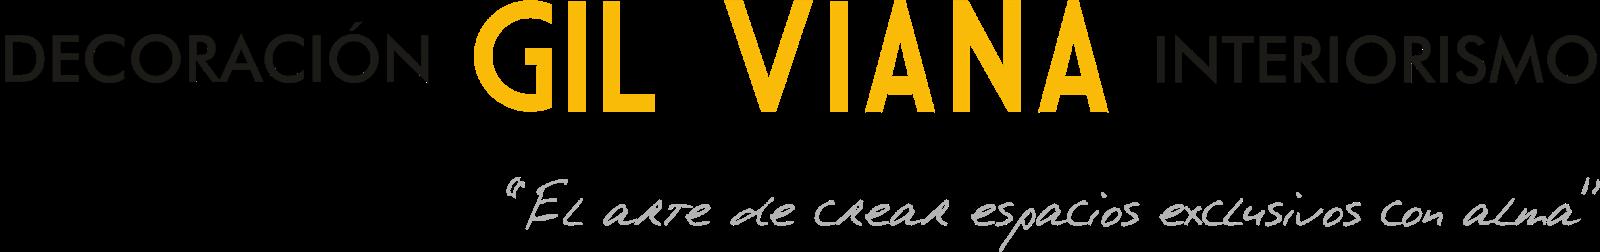 Gil Viana-Interiorismo